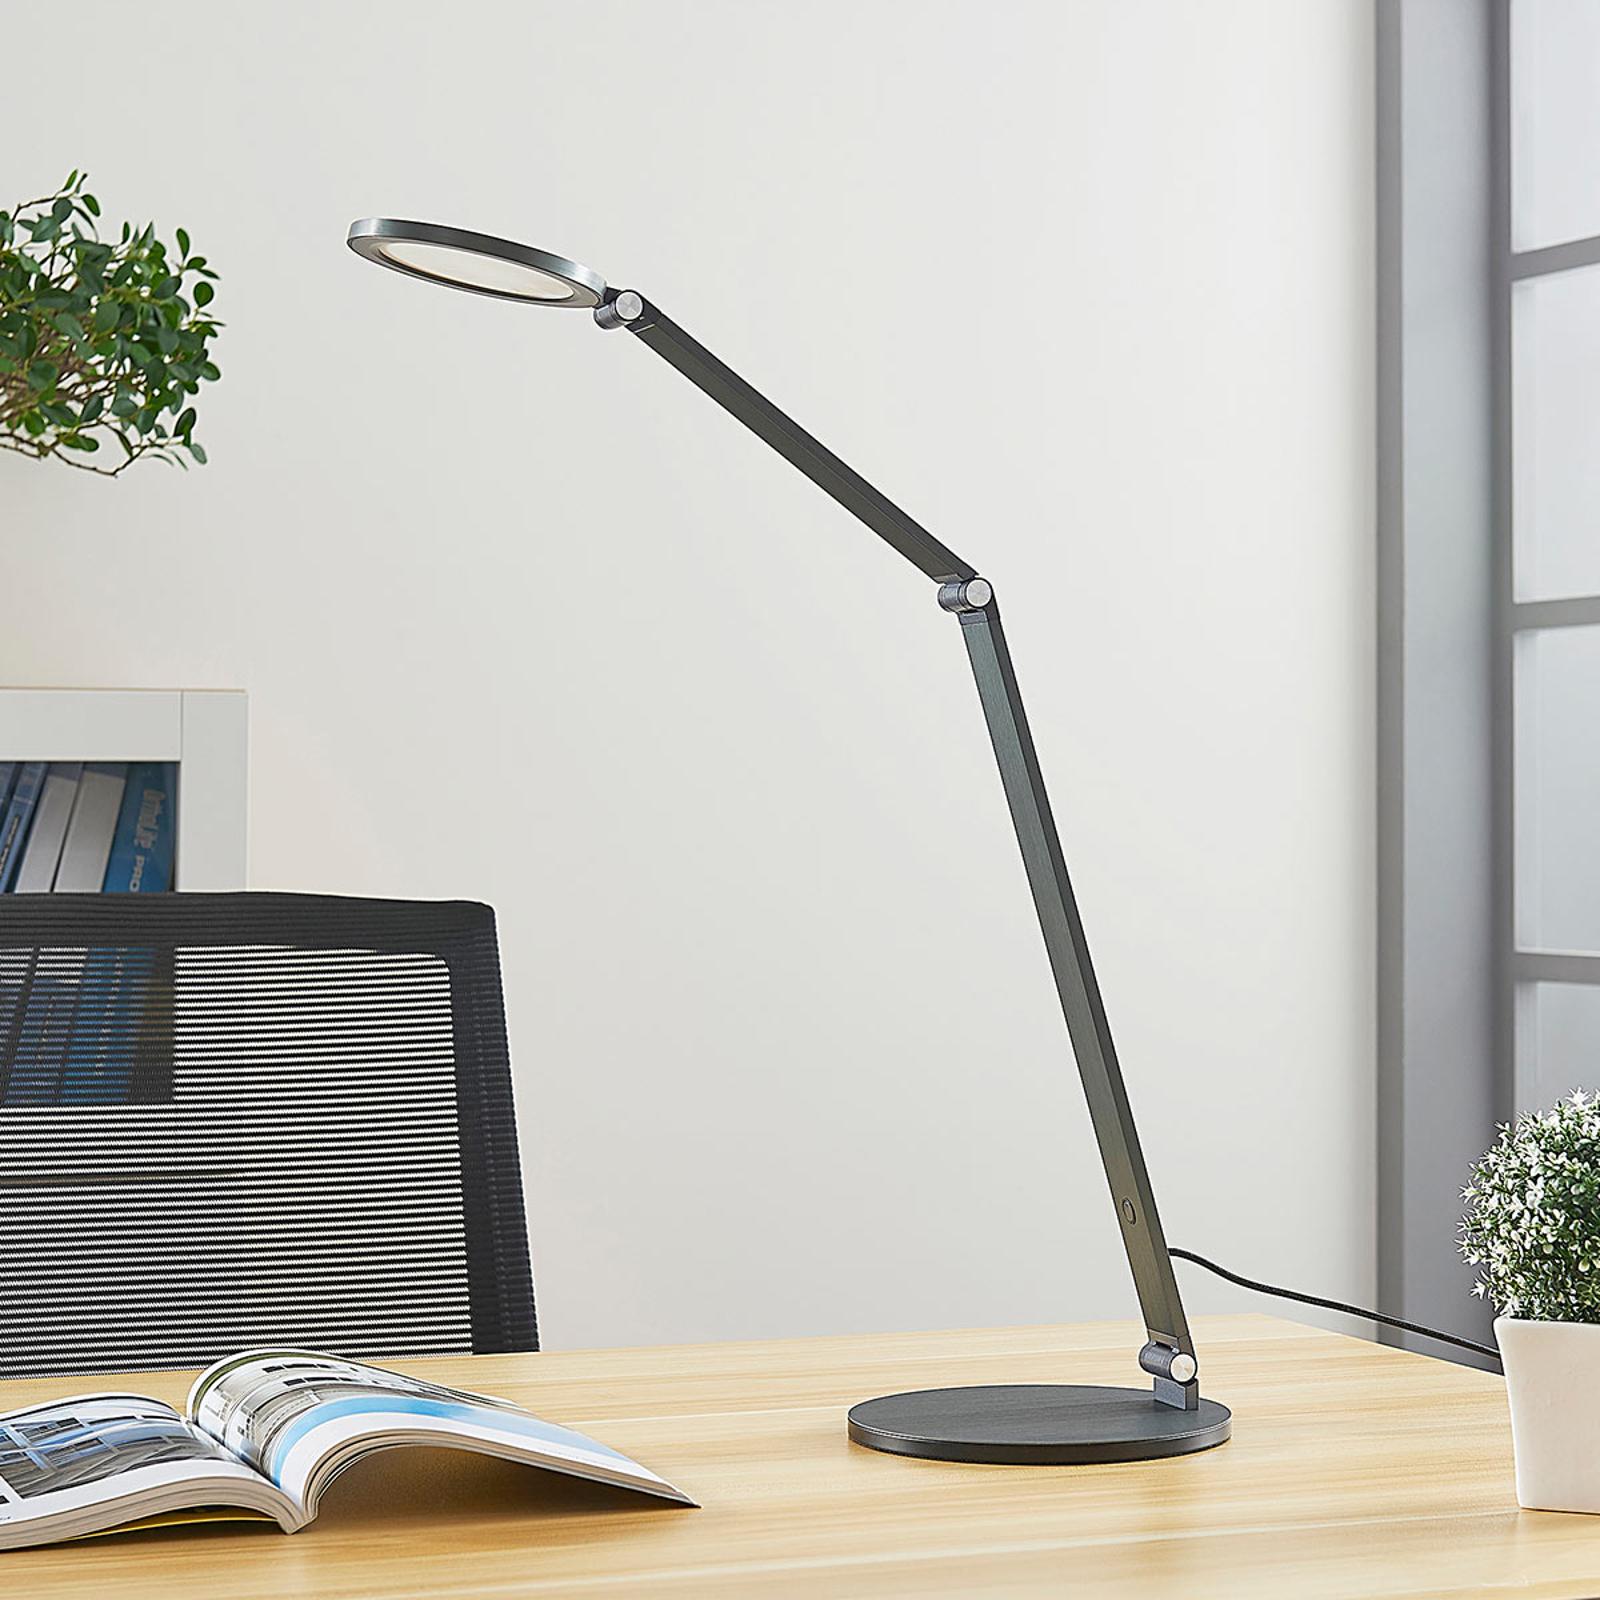 Lampe de bureau LED Mion avec variateur